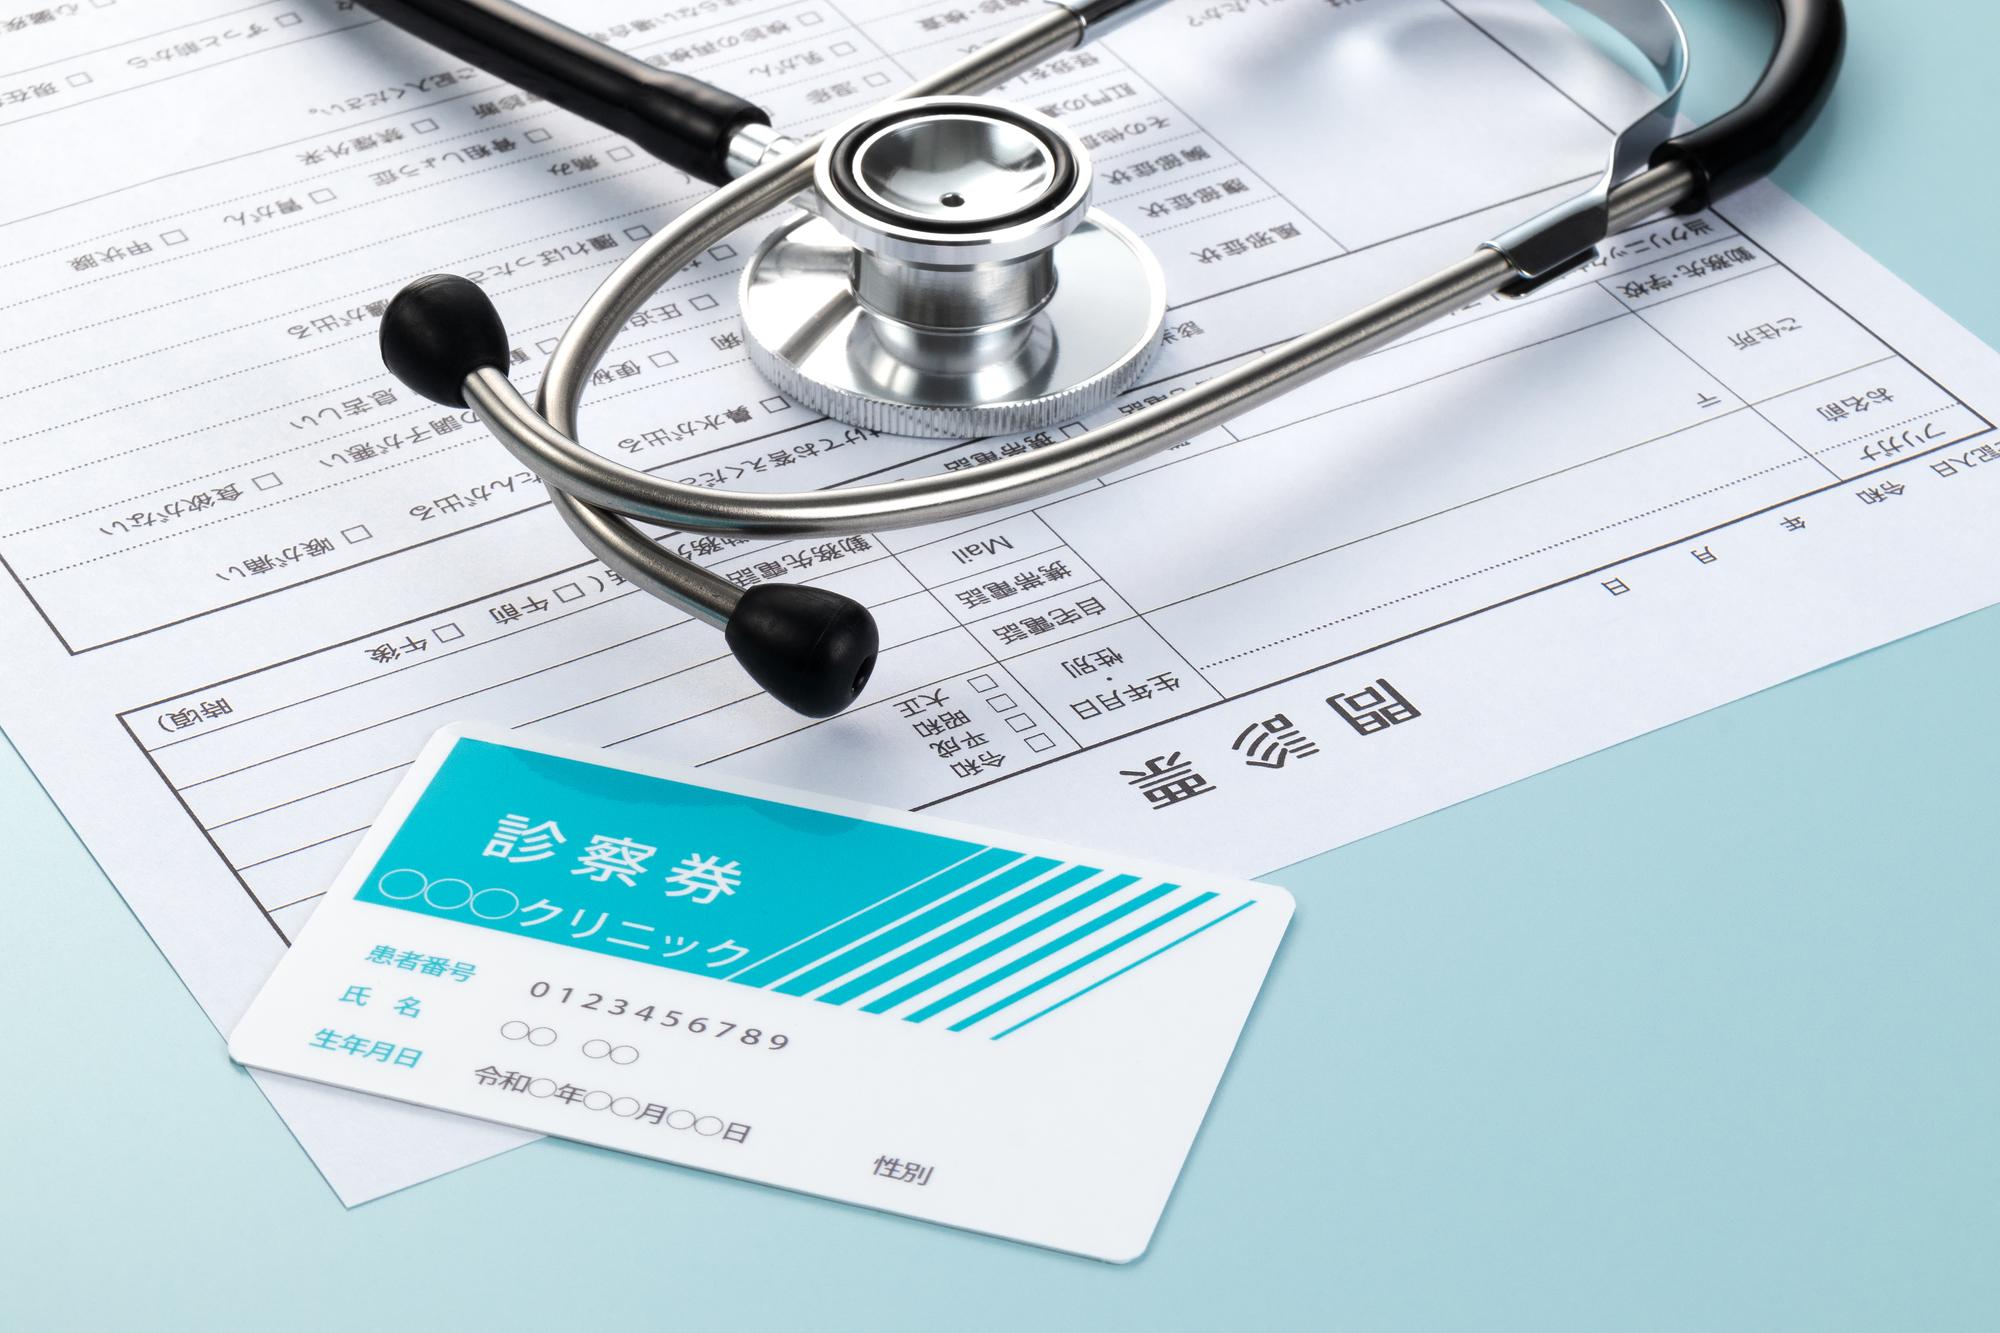 血液 型 検査 料金